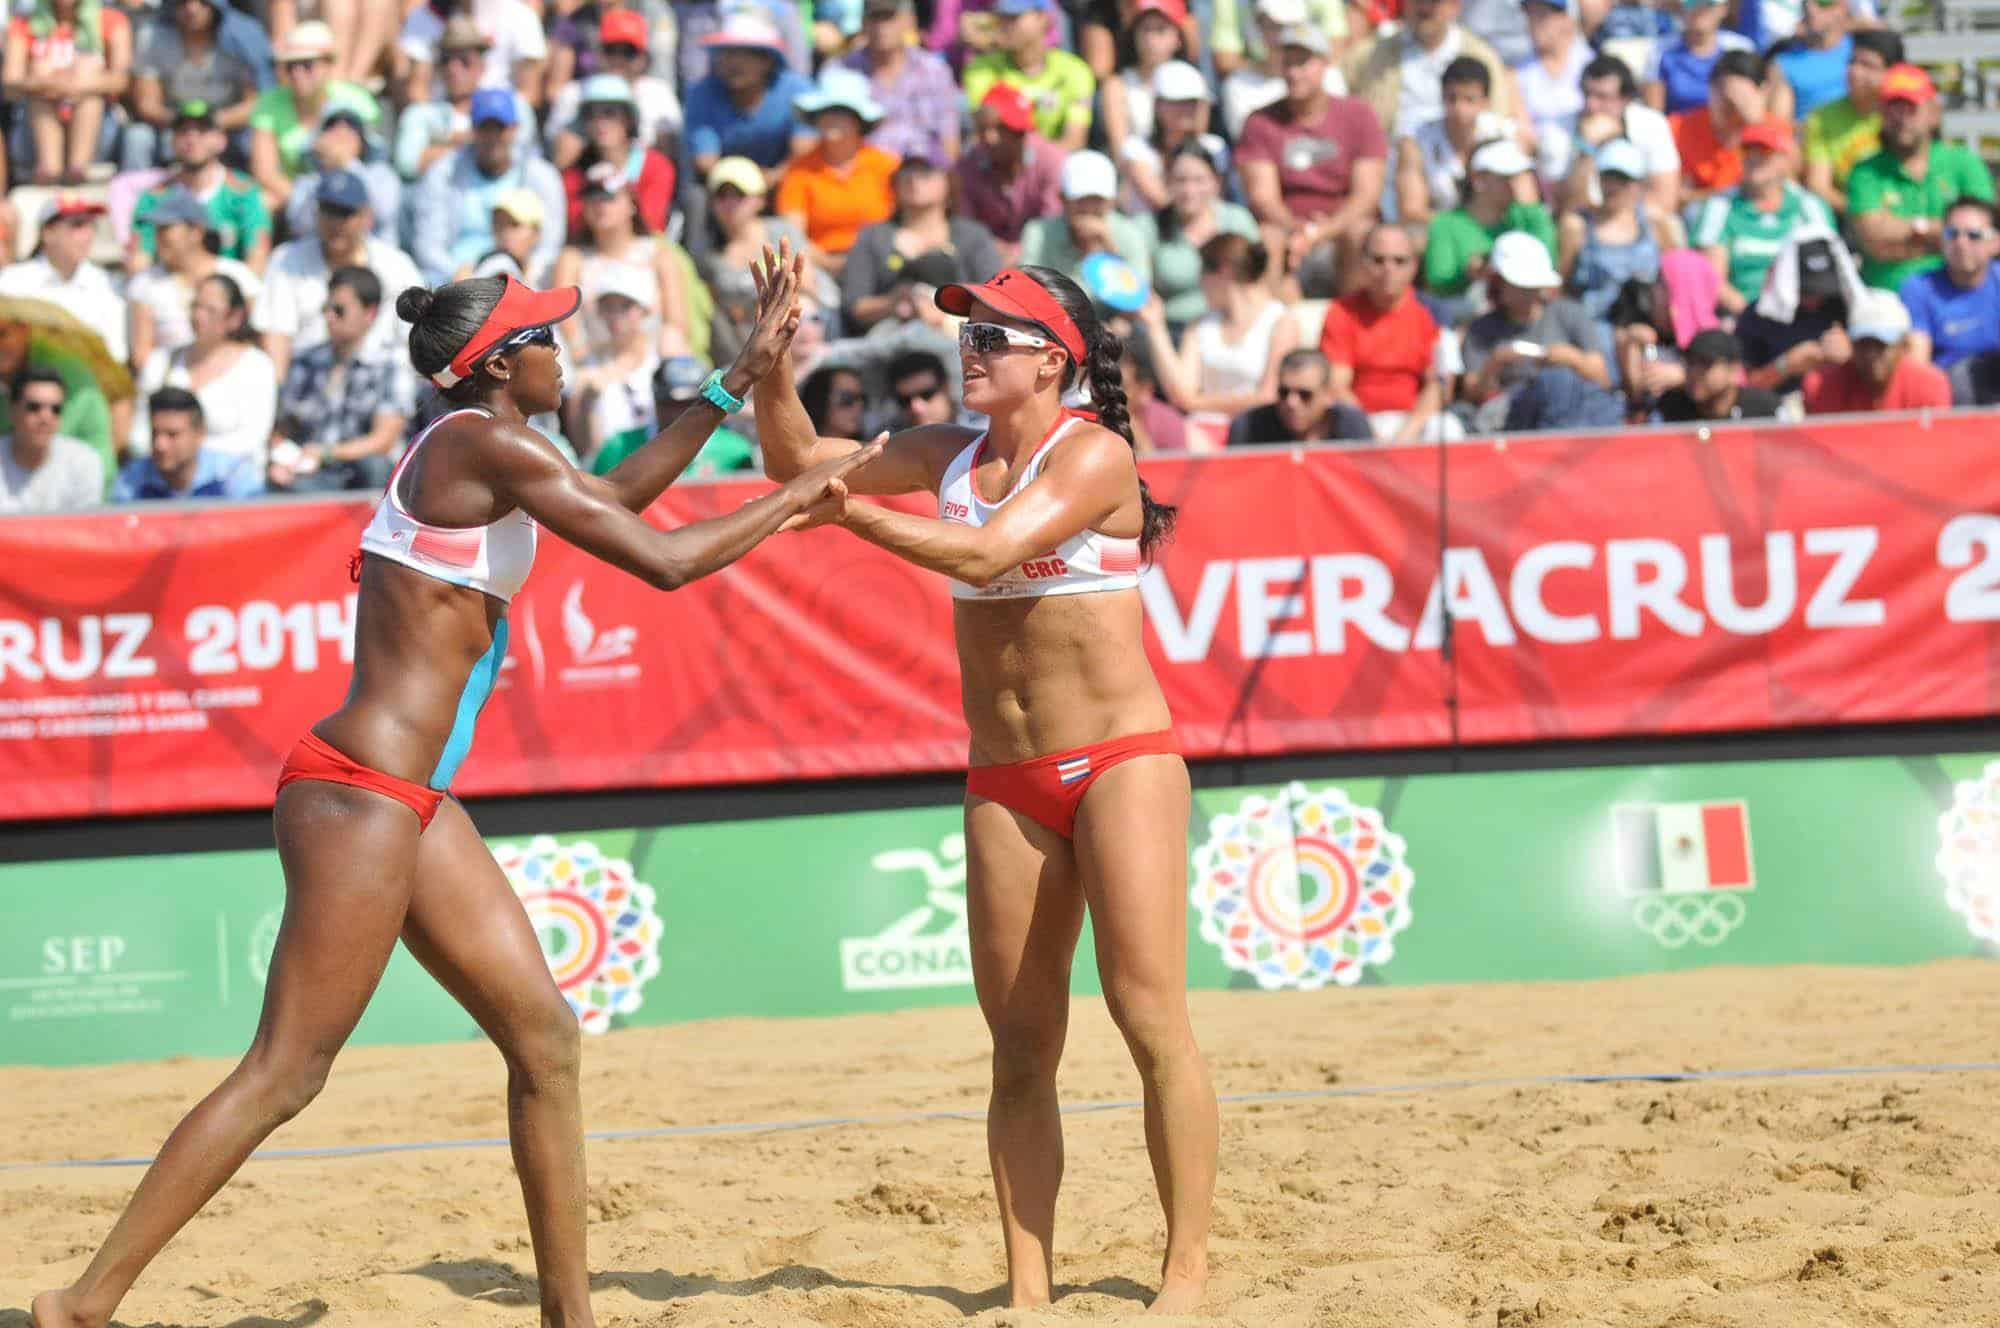 Costa Rica women's beach vollyeball